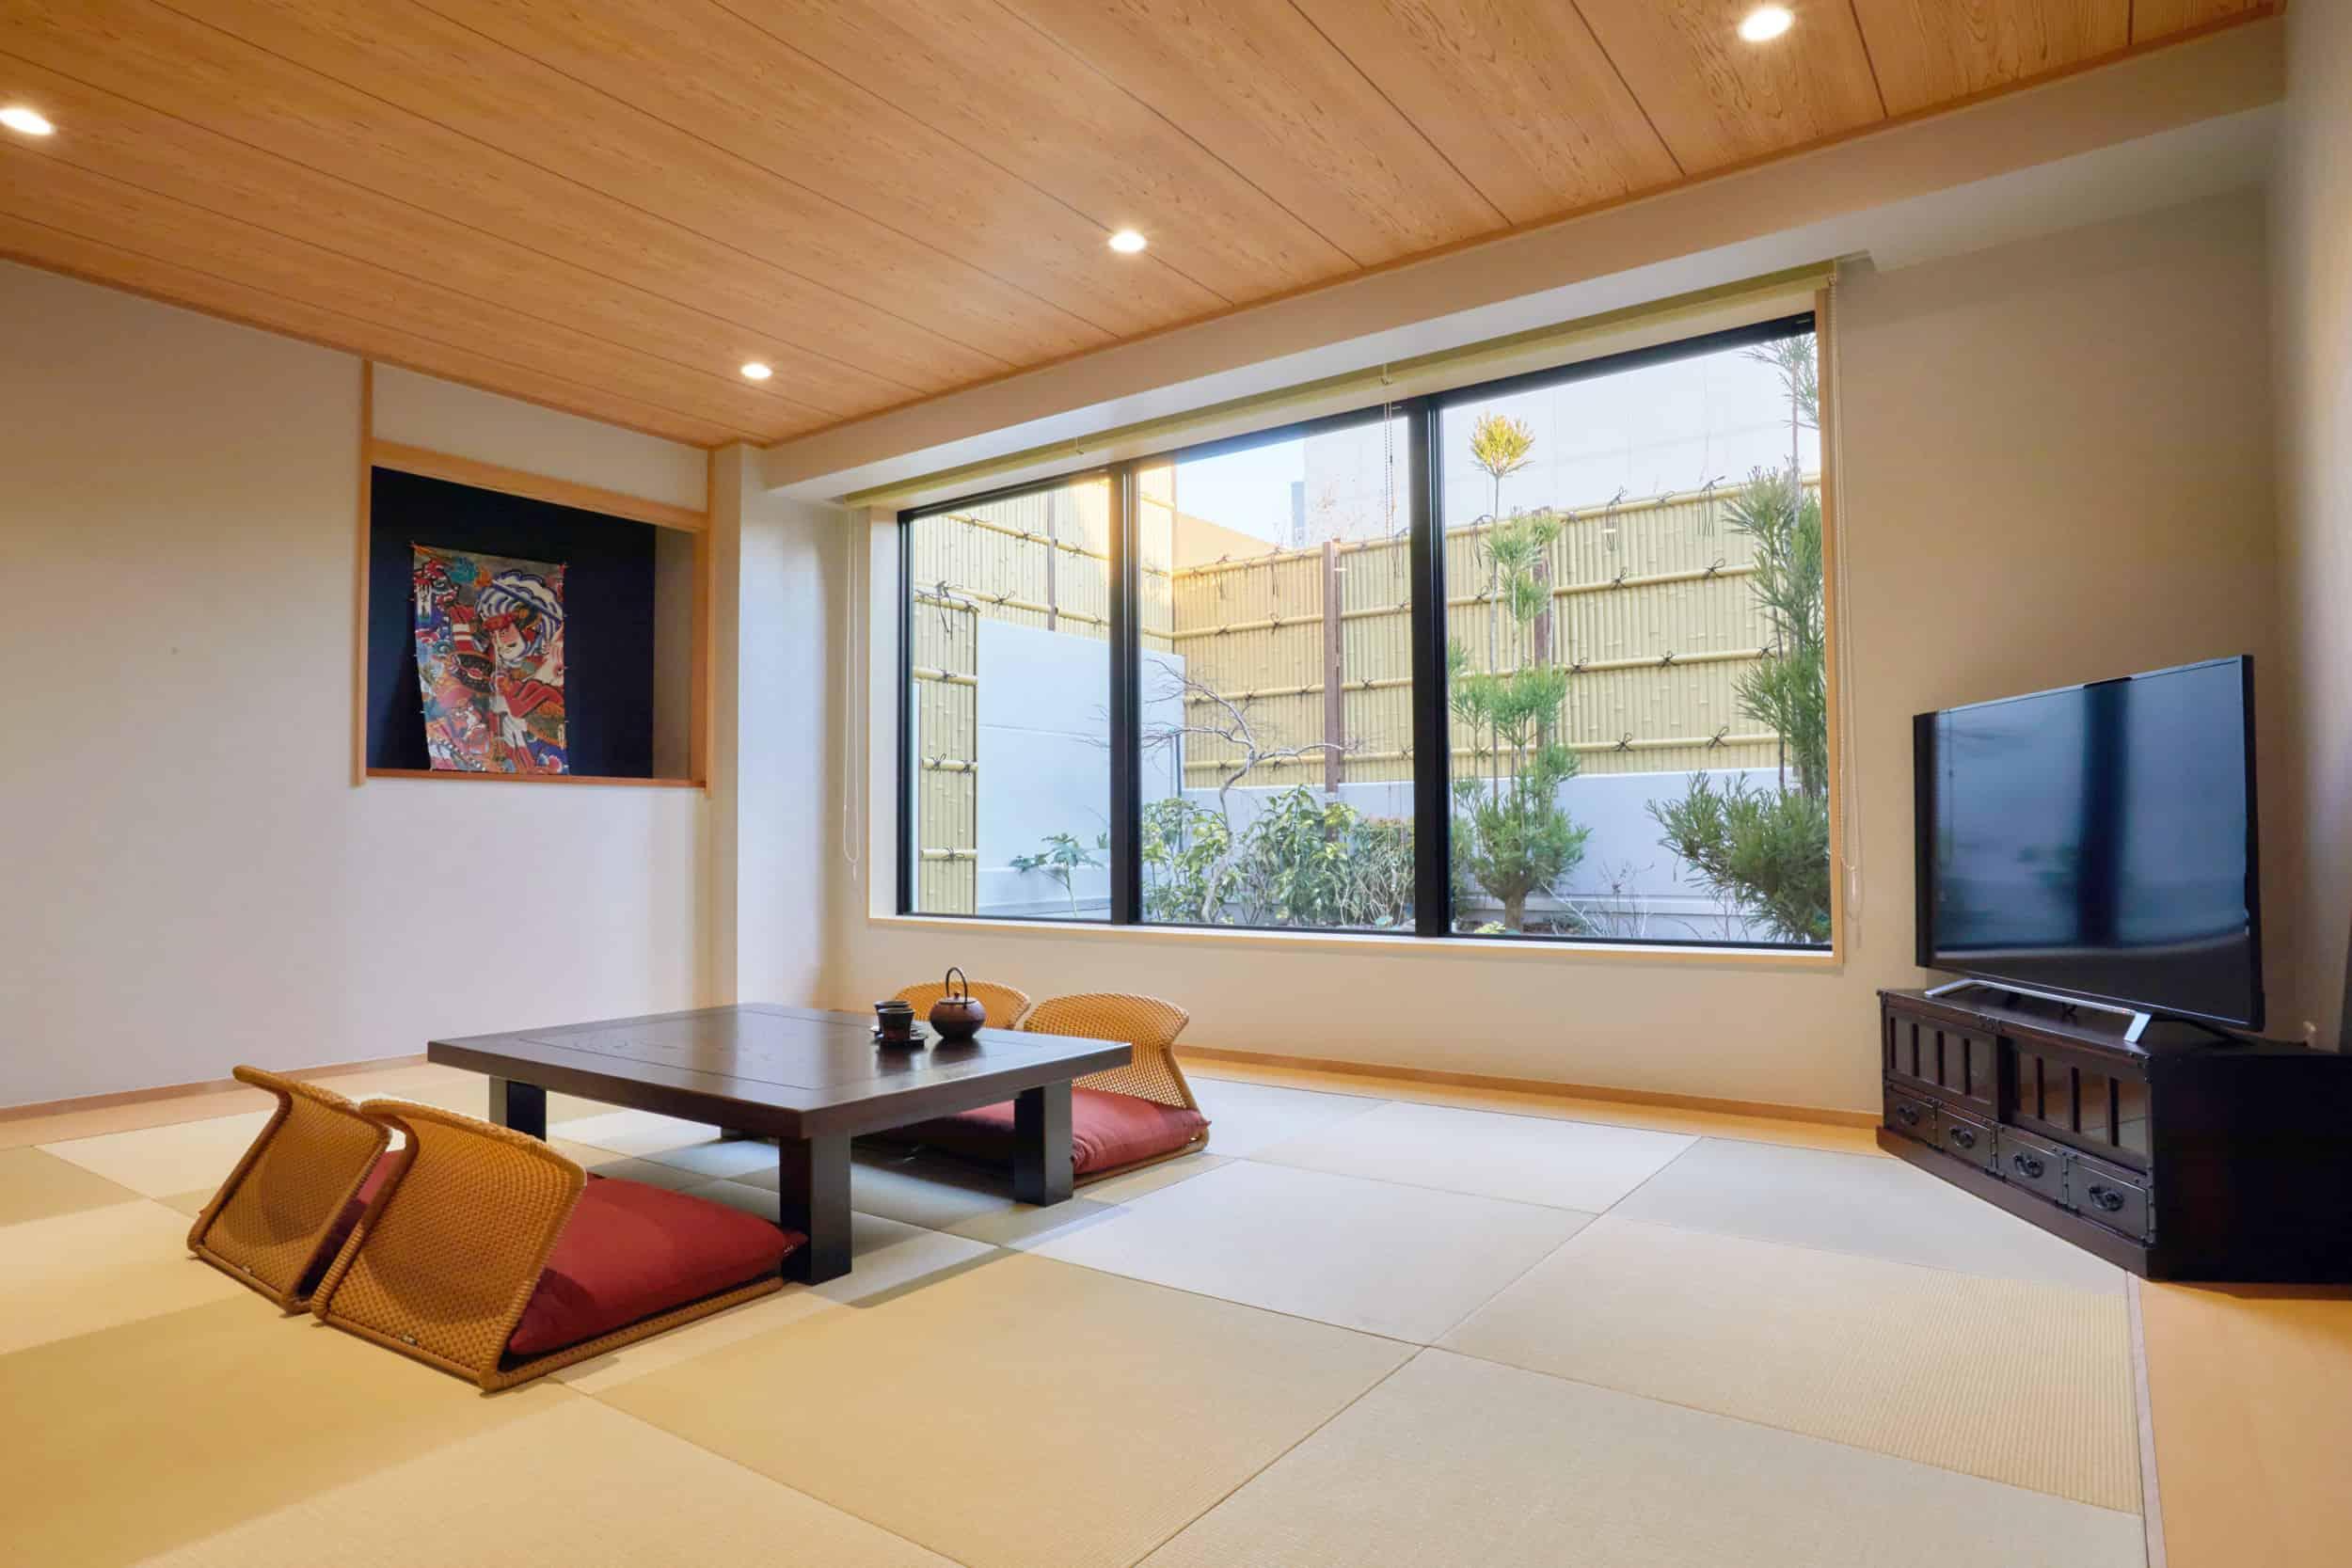 ห้องพักส่วนตัวของโซระนิวะ ออนเซ็น